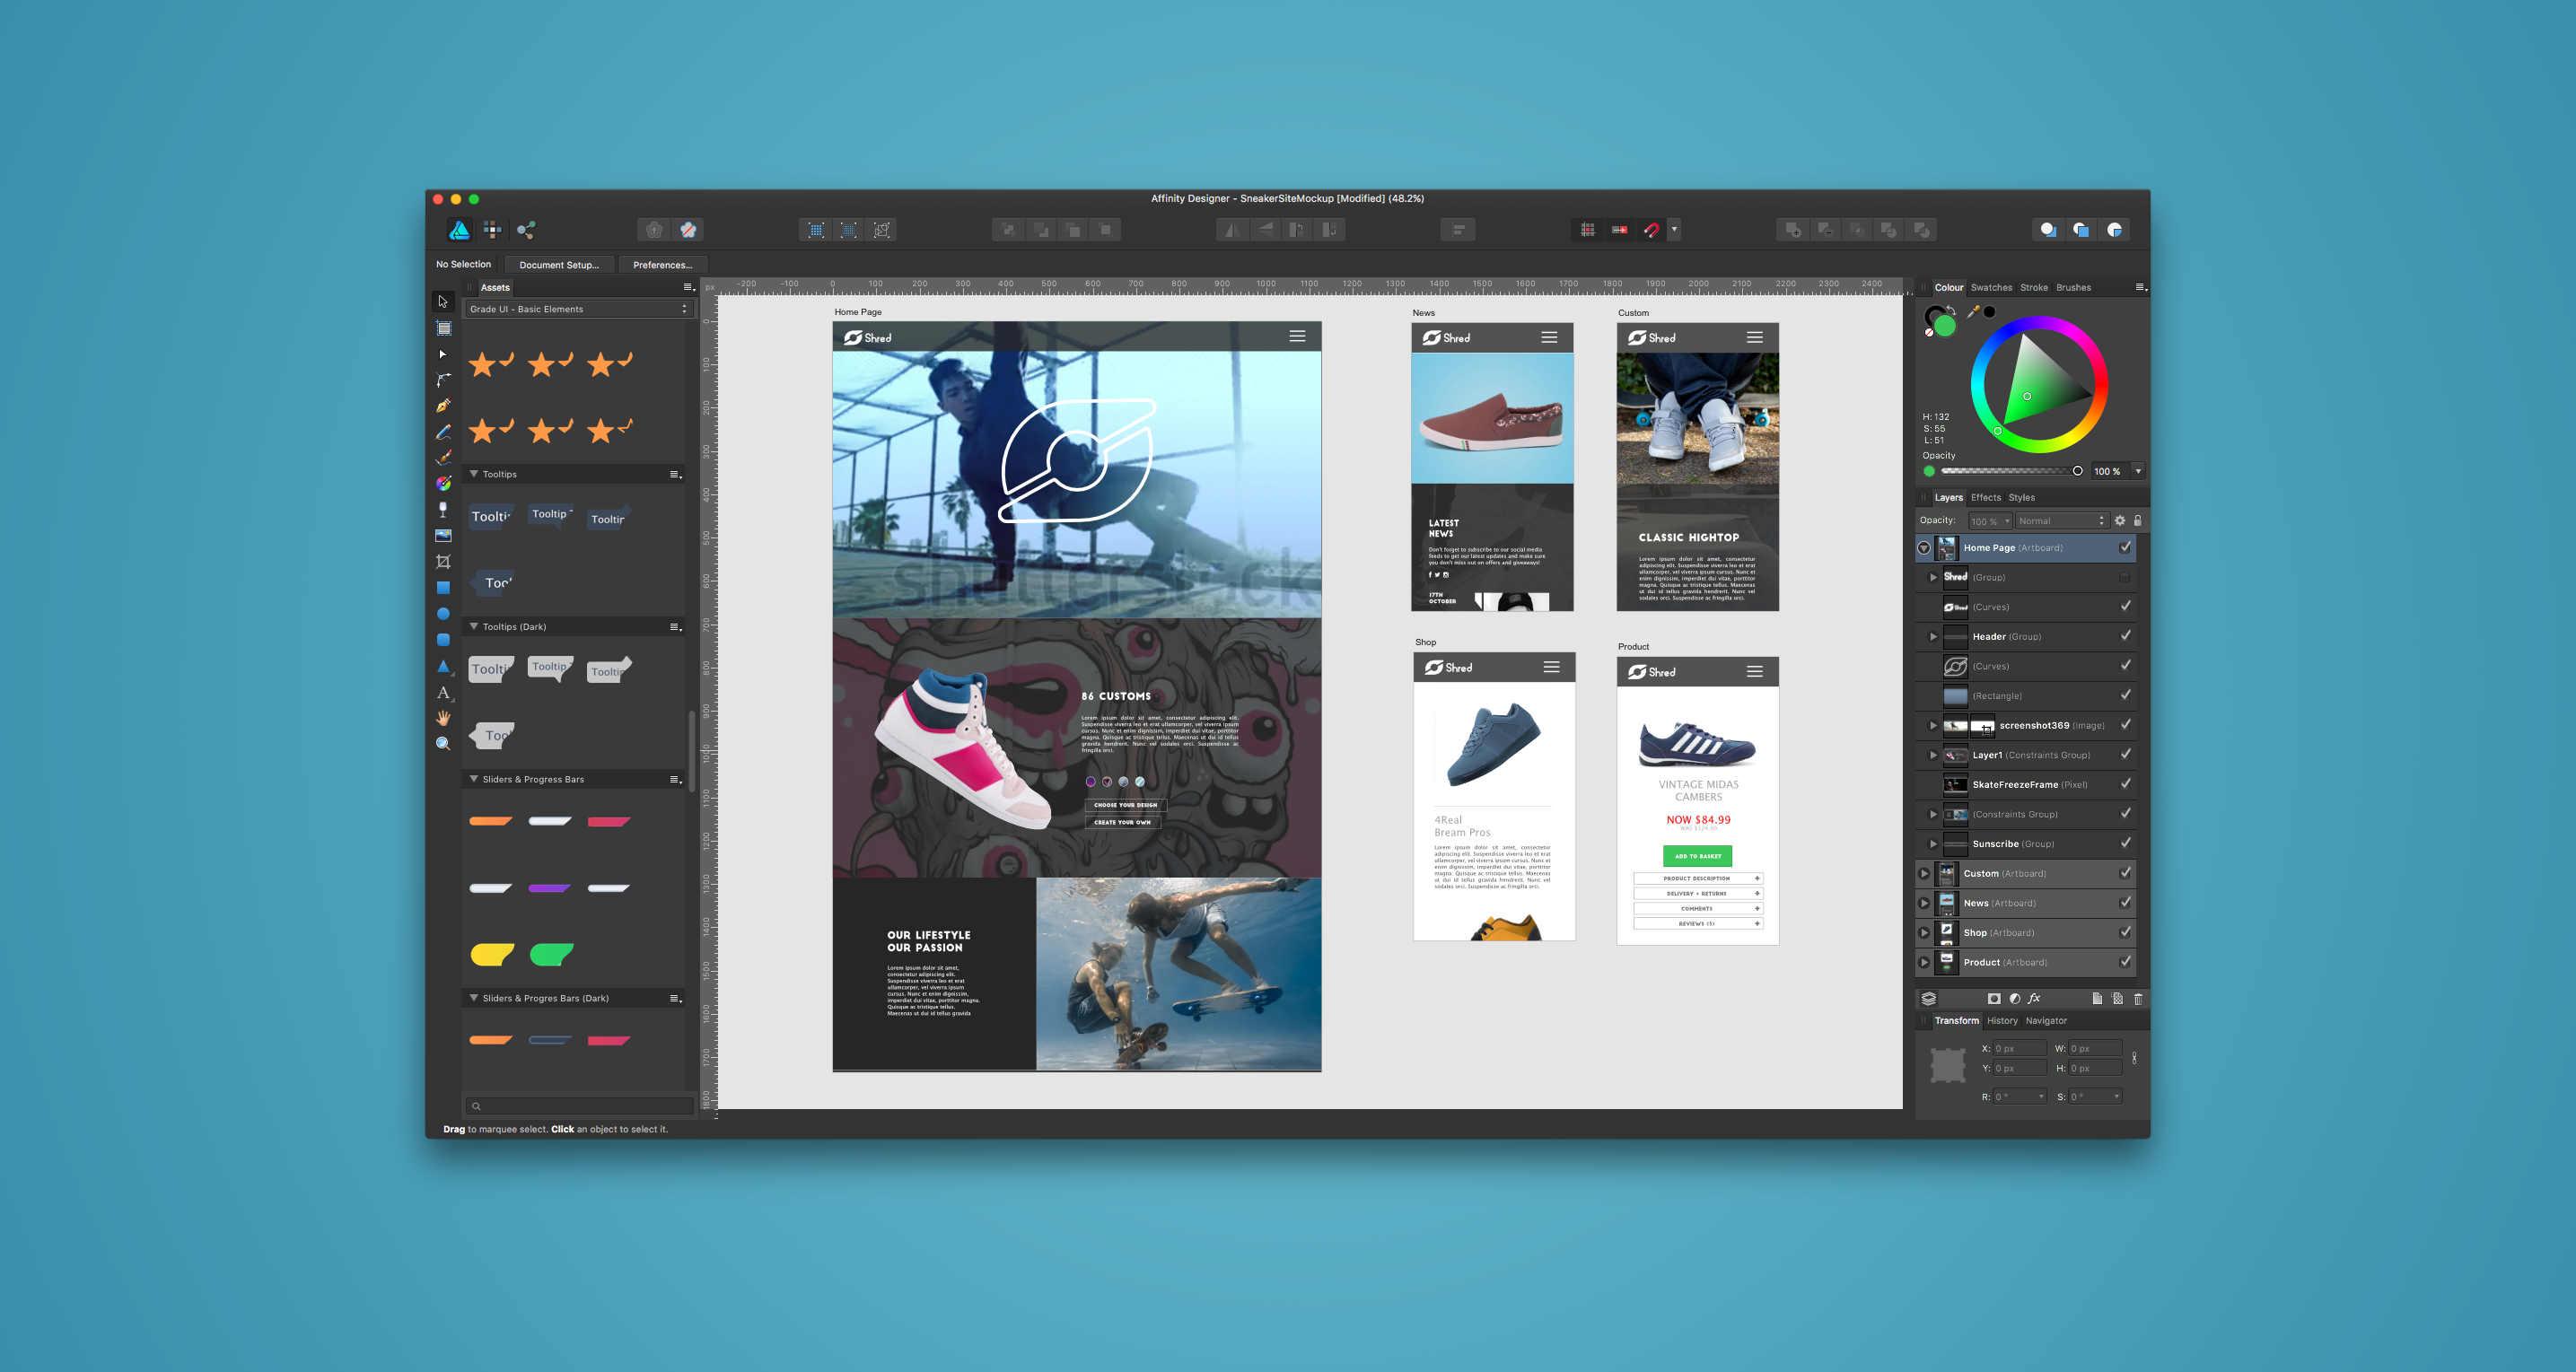 Affinity Designer 1.5 released